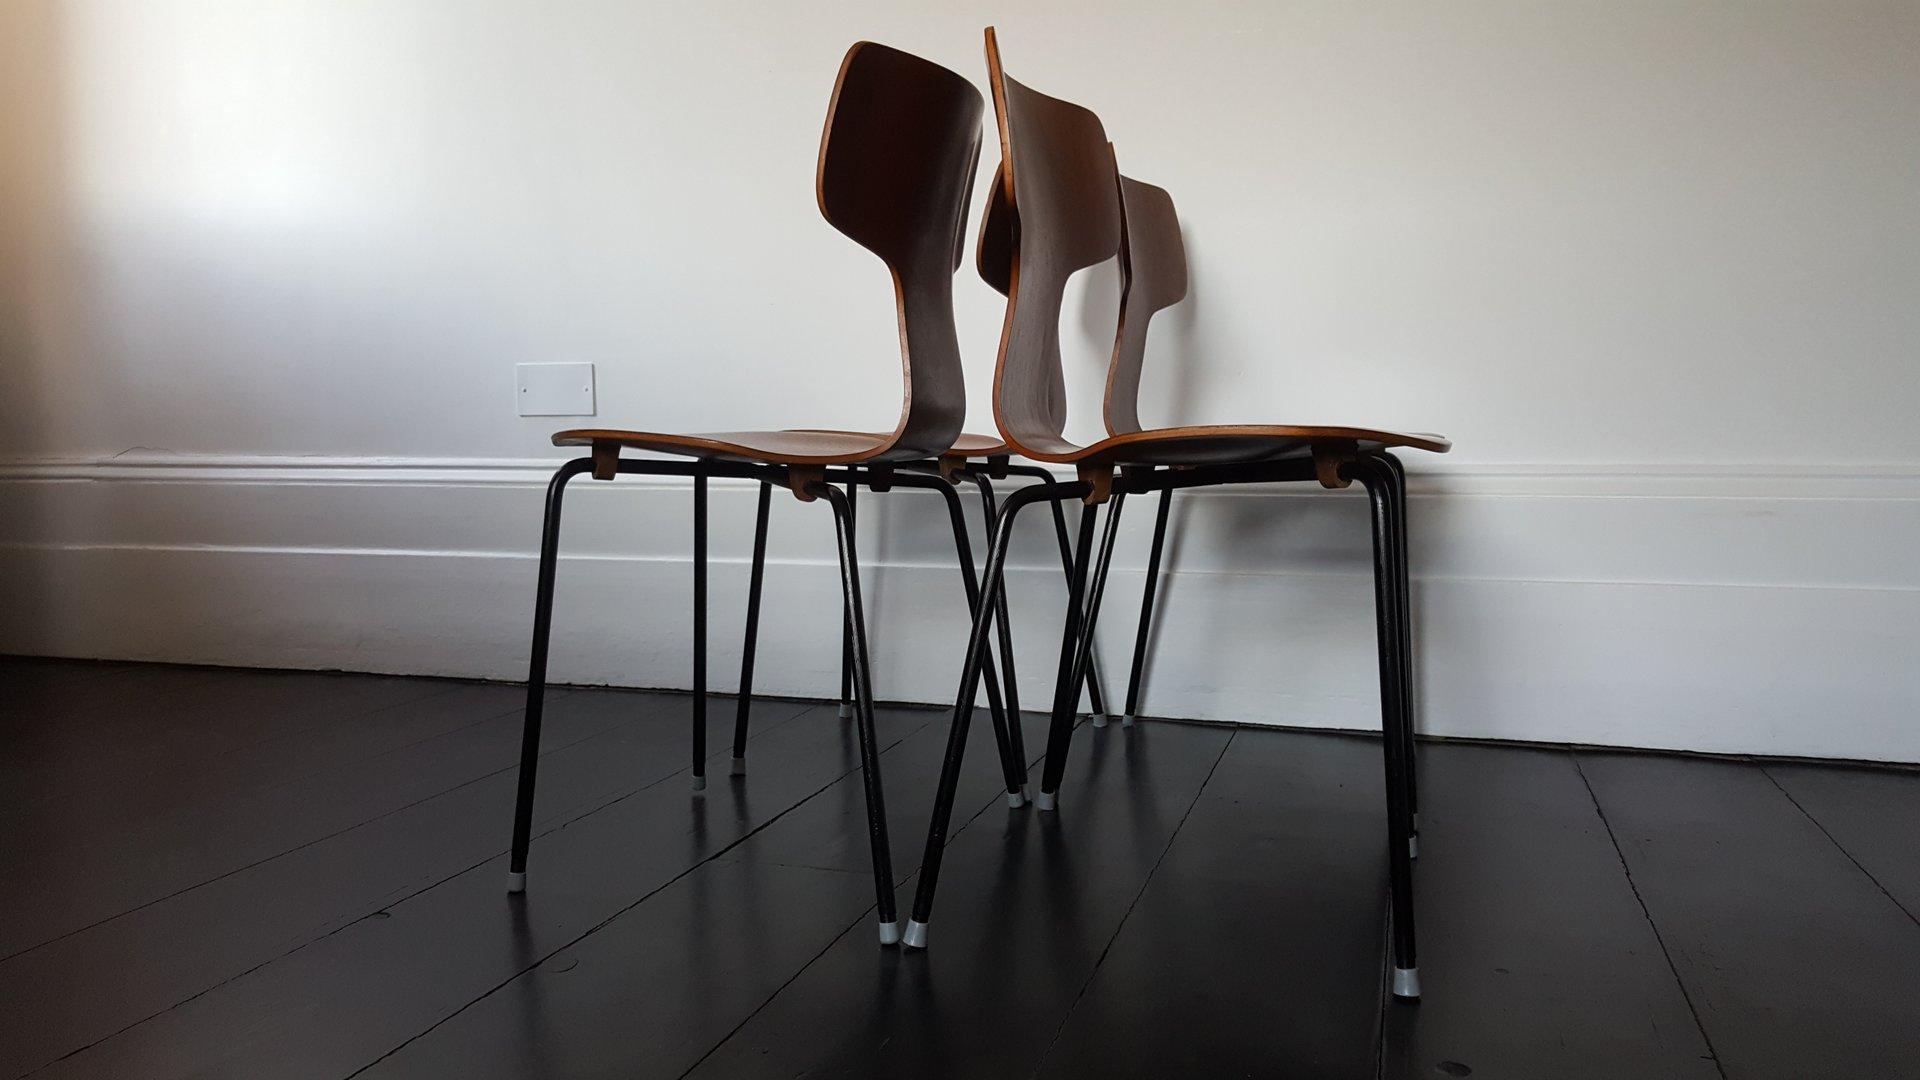 Jacobsen Stühle modell 3103 teak hammer stühle arne jacobsen für fritz hansen 1960er 4er set bei pamono kaufen